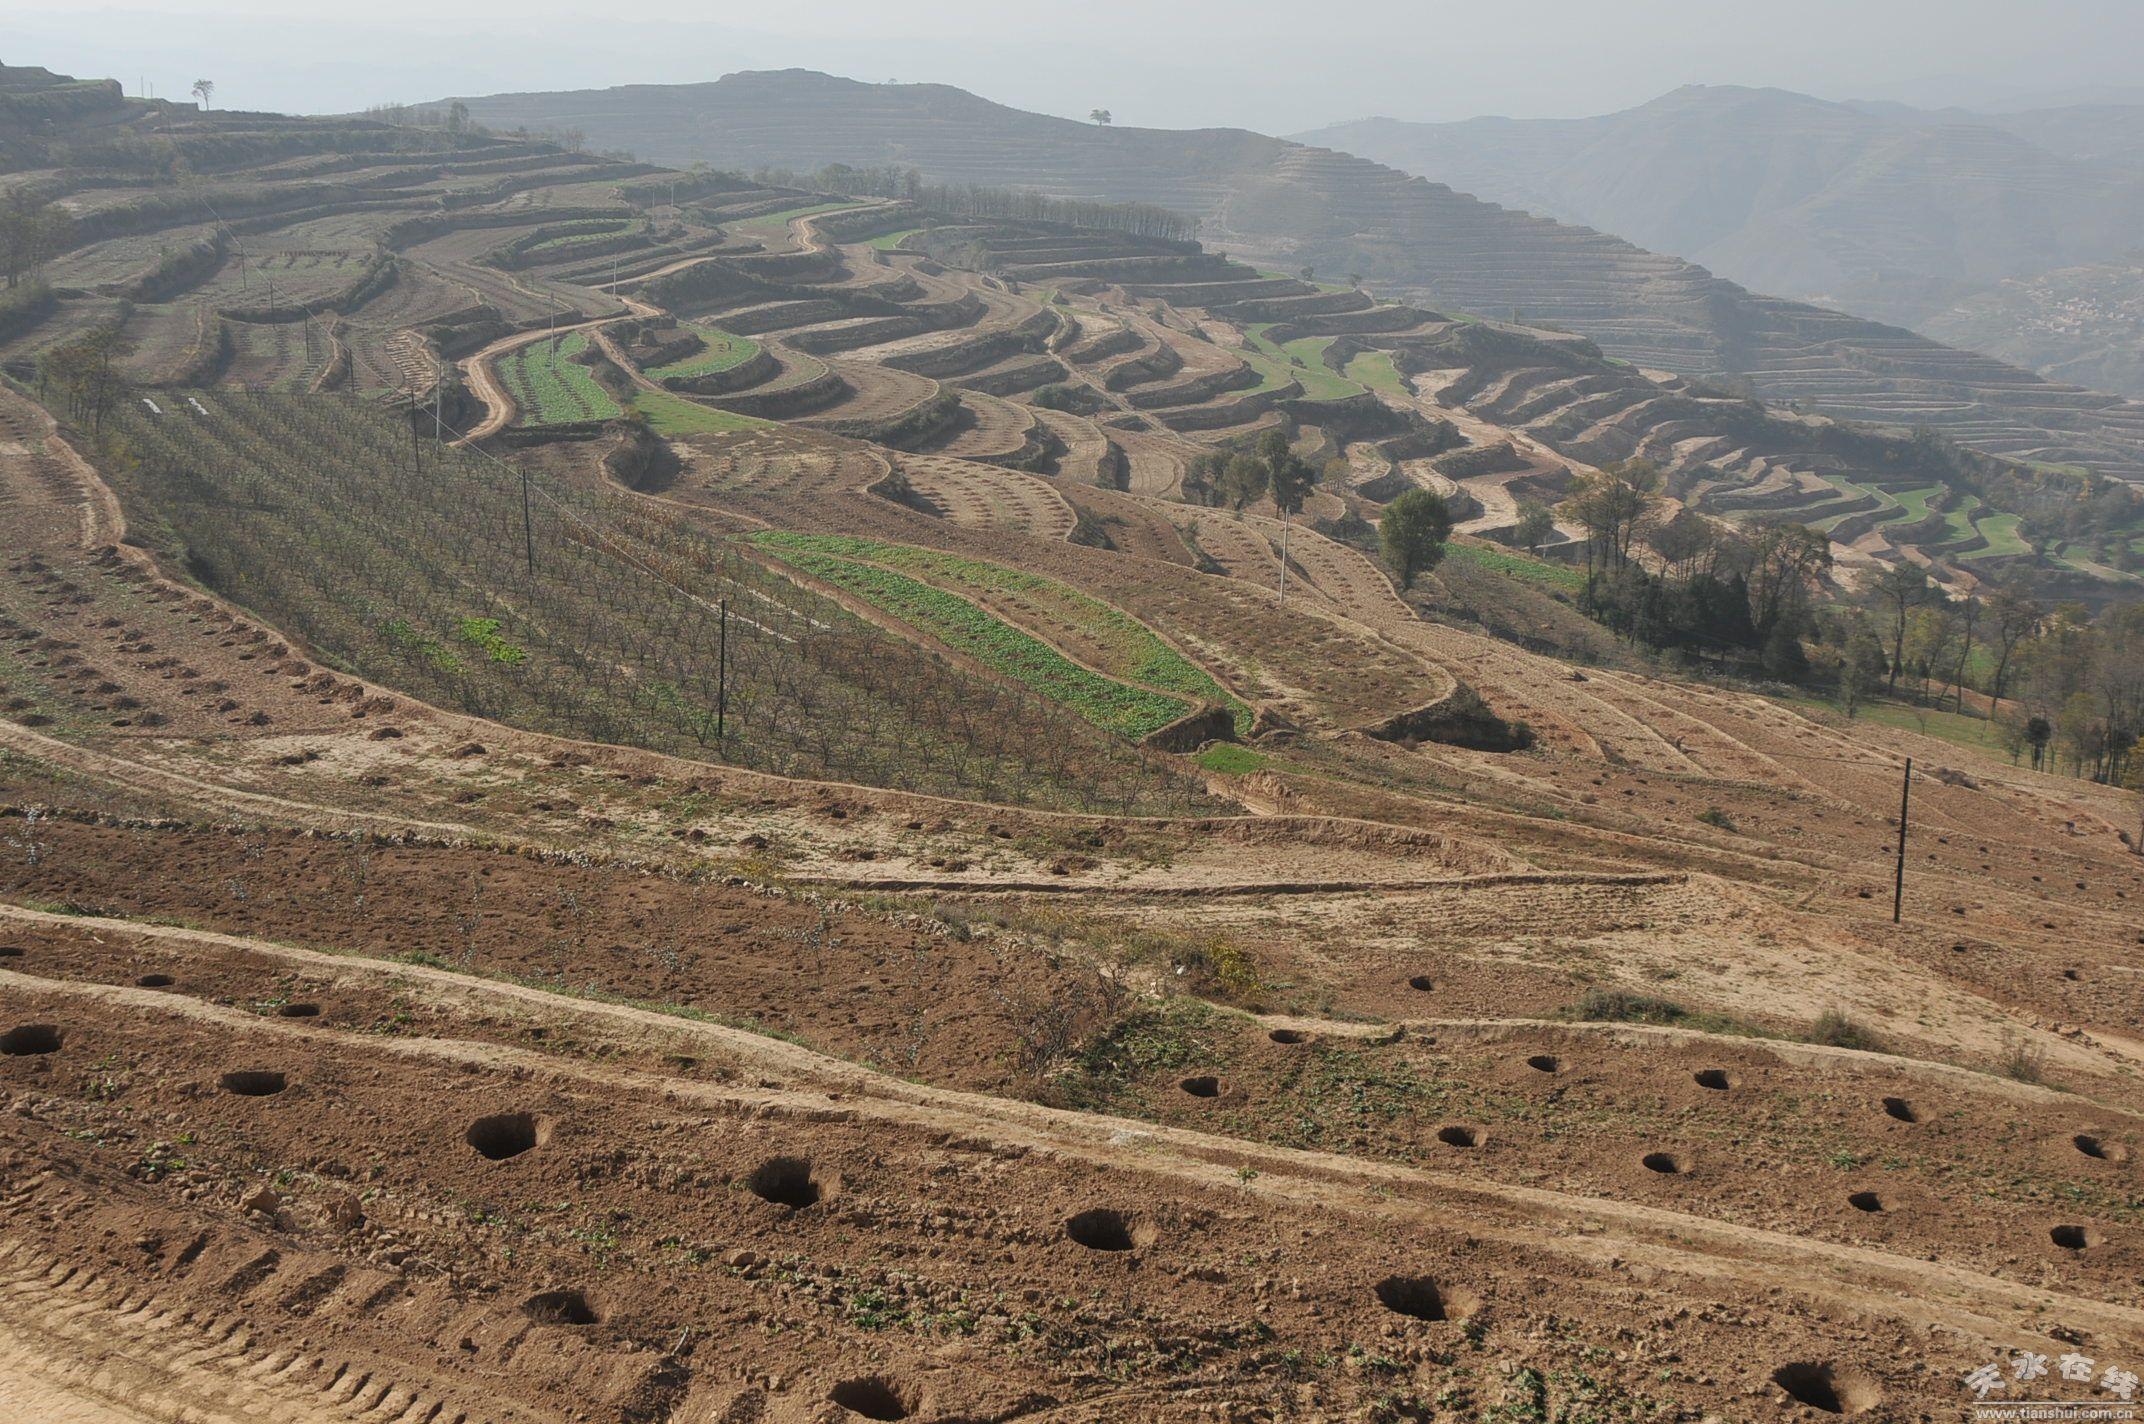 土地开发_土地开发整理项目竣工资料范本-土地开发整理项目标准